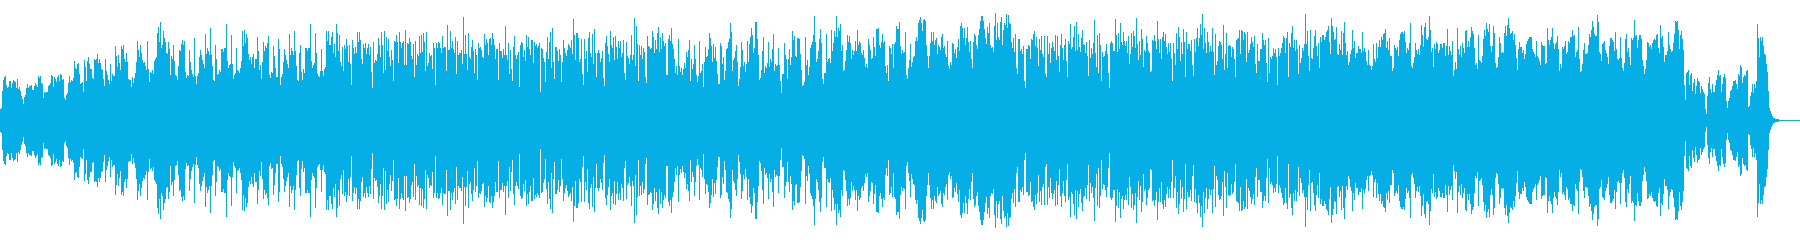 オーボエのリフレインとエレクトロニカの再生済みの波形